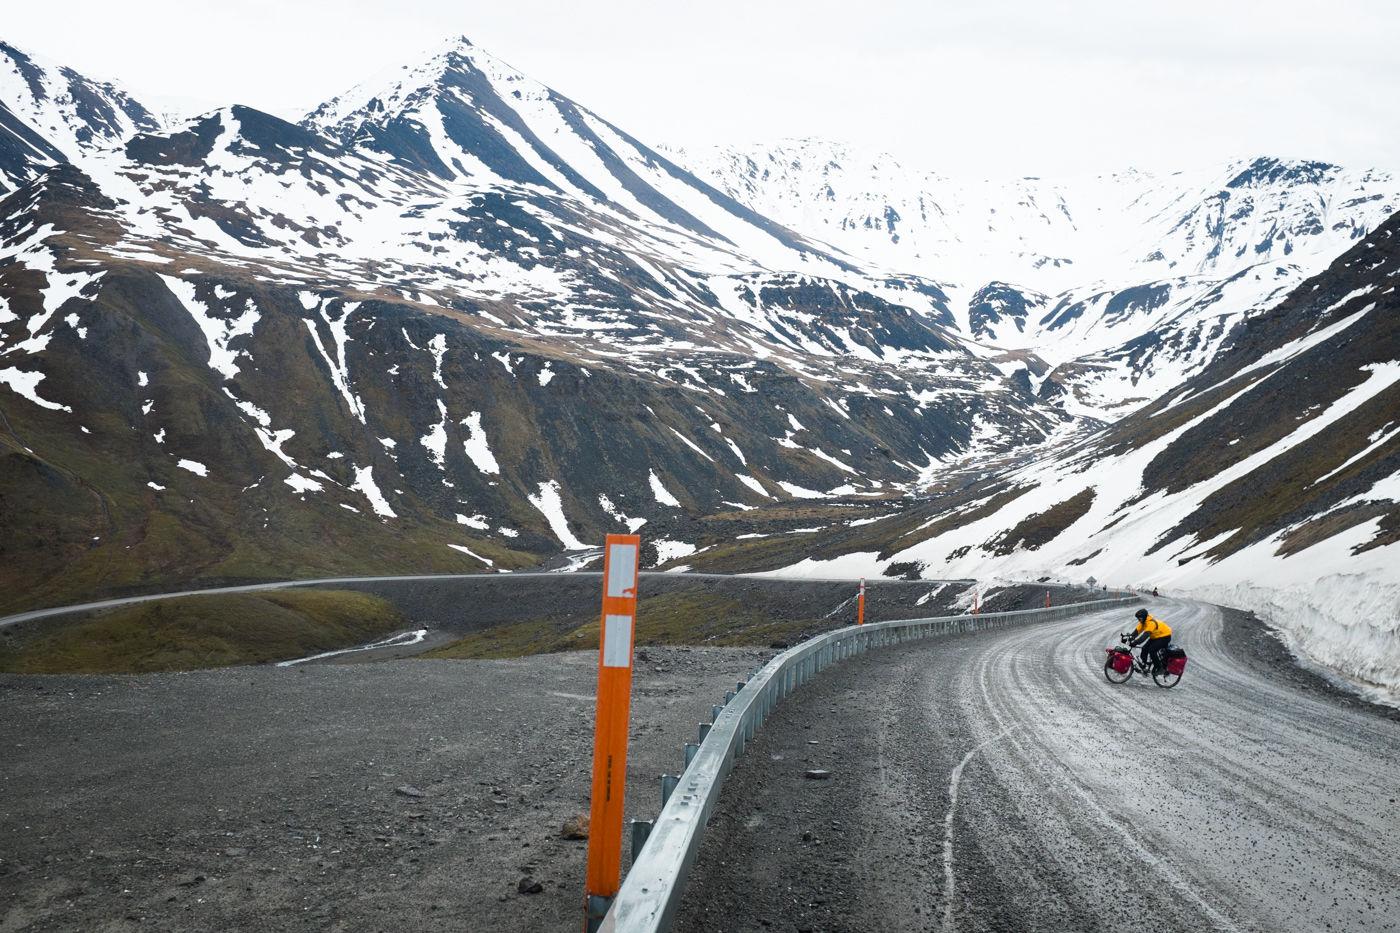 4人のクリエイターが、死と向きあいながら撮り続けた「2万キロの自転車旅」